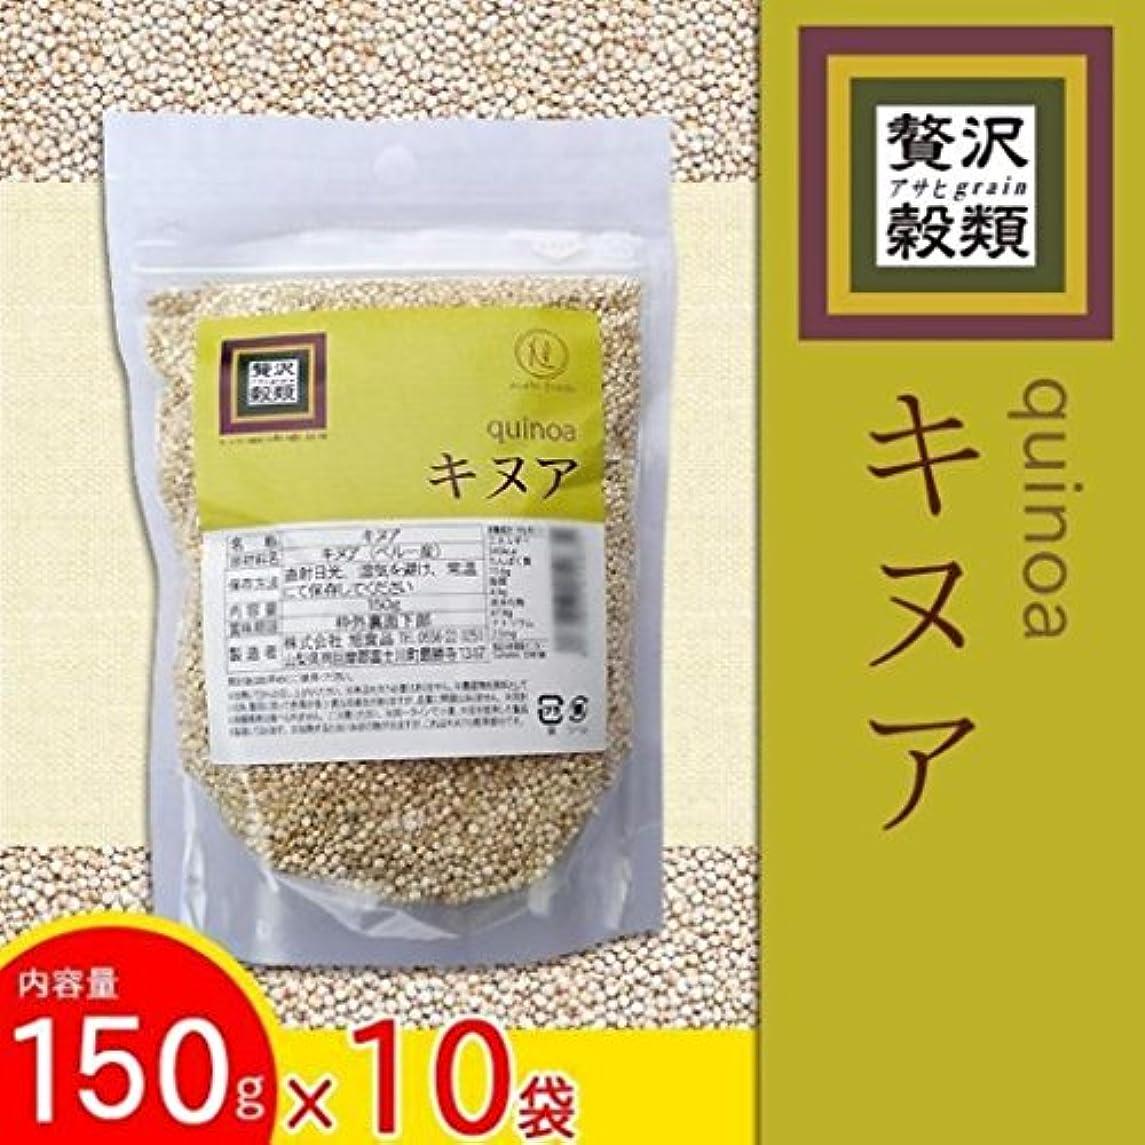 ペナルティ電気学部贅沢穀類 キヌア 150g×10袋